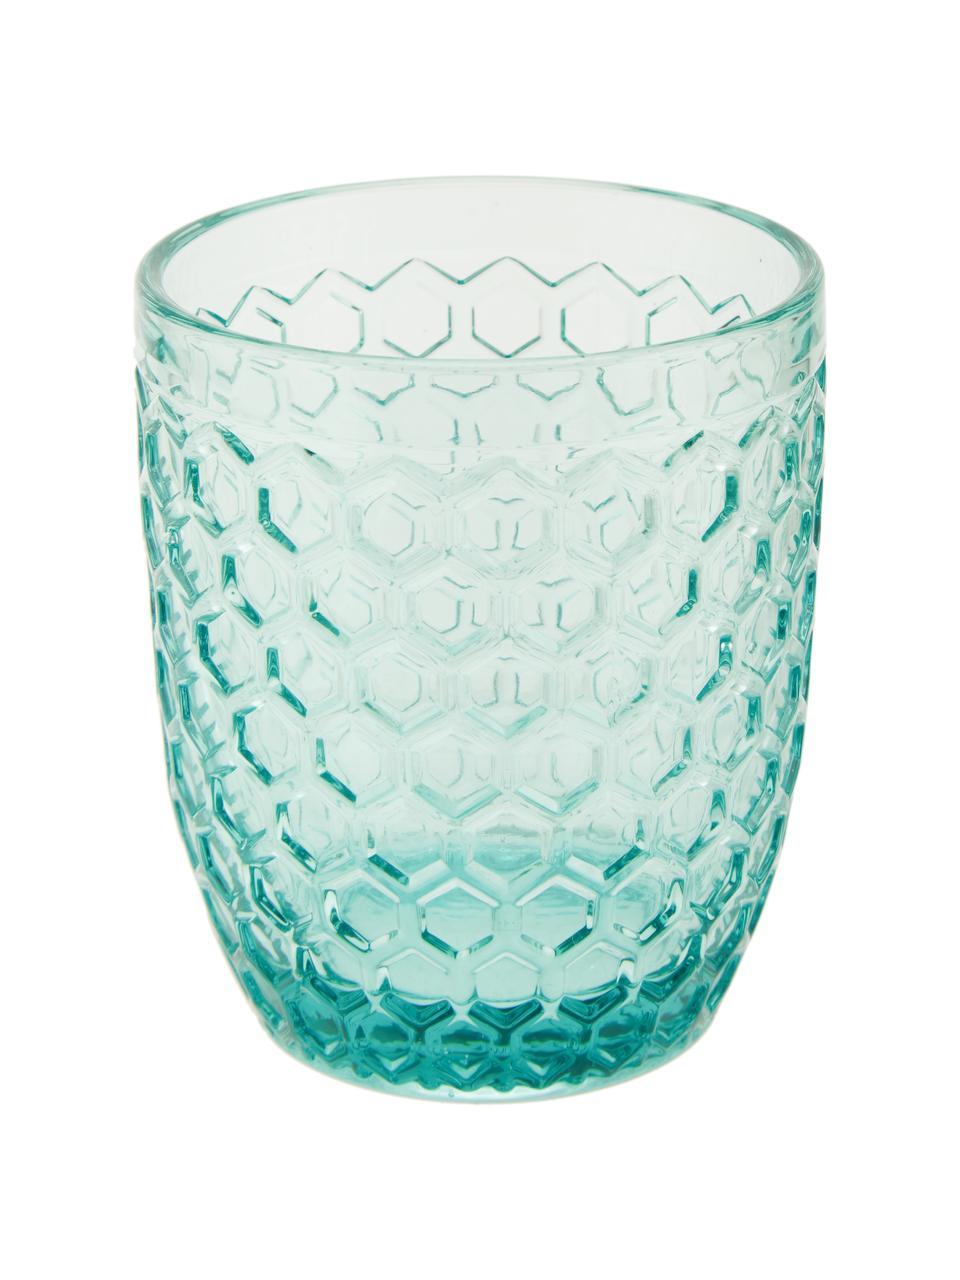 Verre à eau avec embossage décoratif Geometrie, 6élém., Bleu, vert, gris, rose, jaune or, transparent